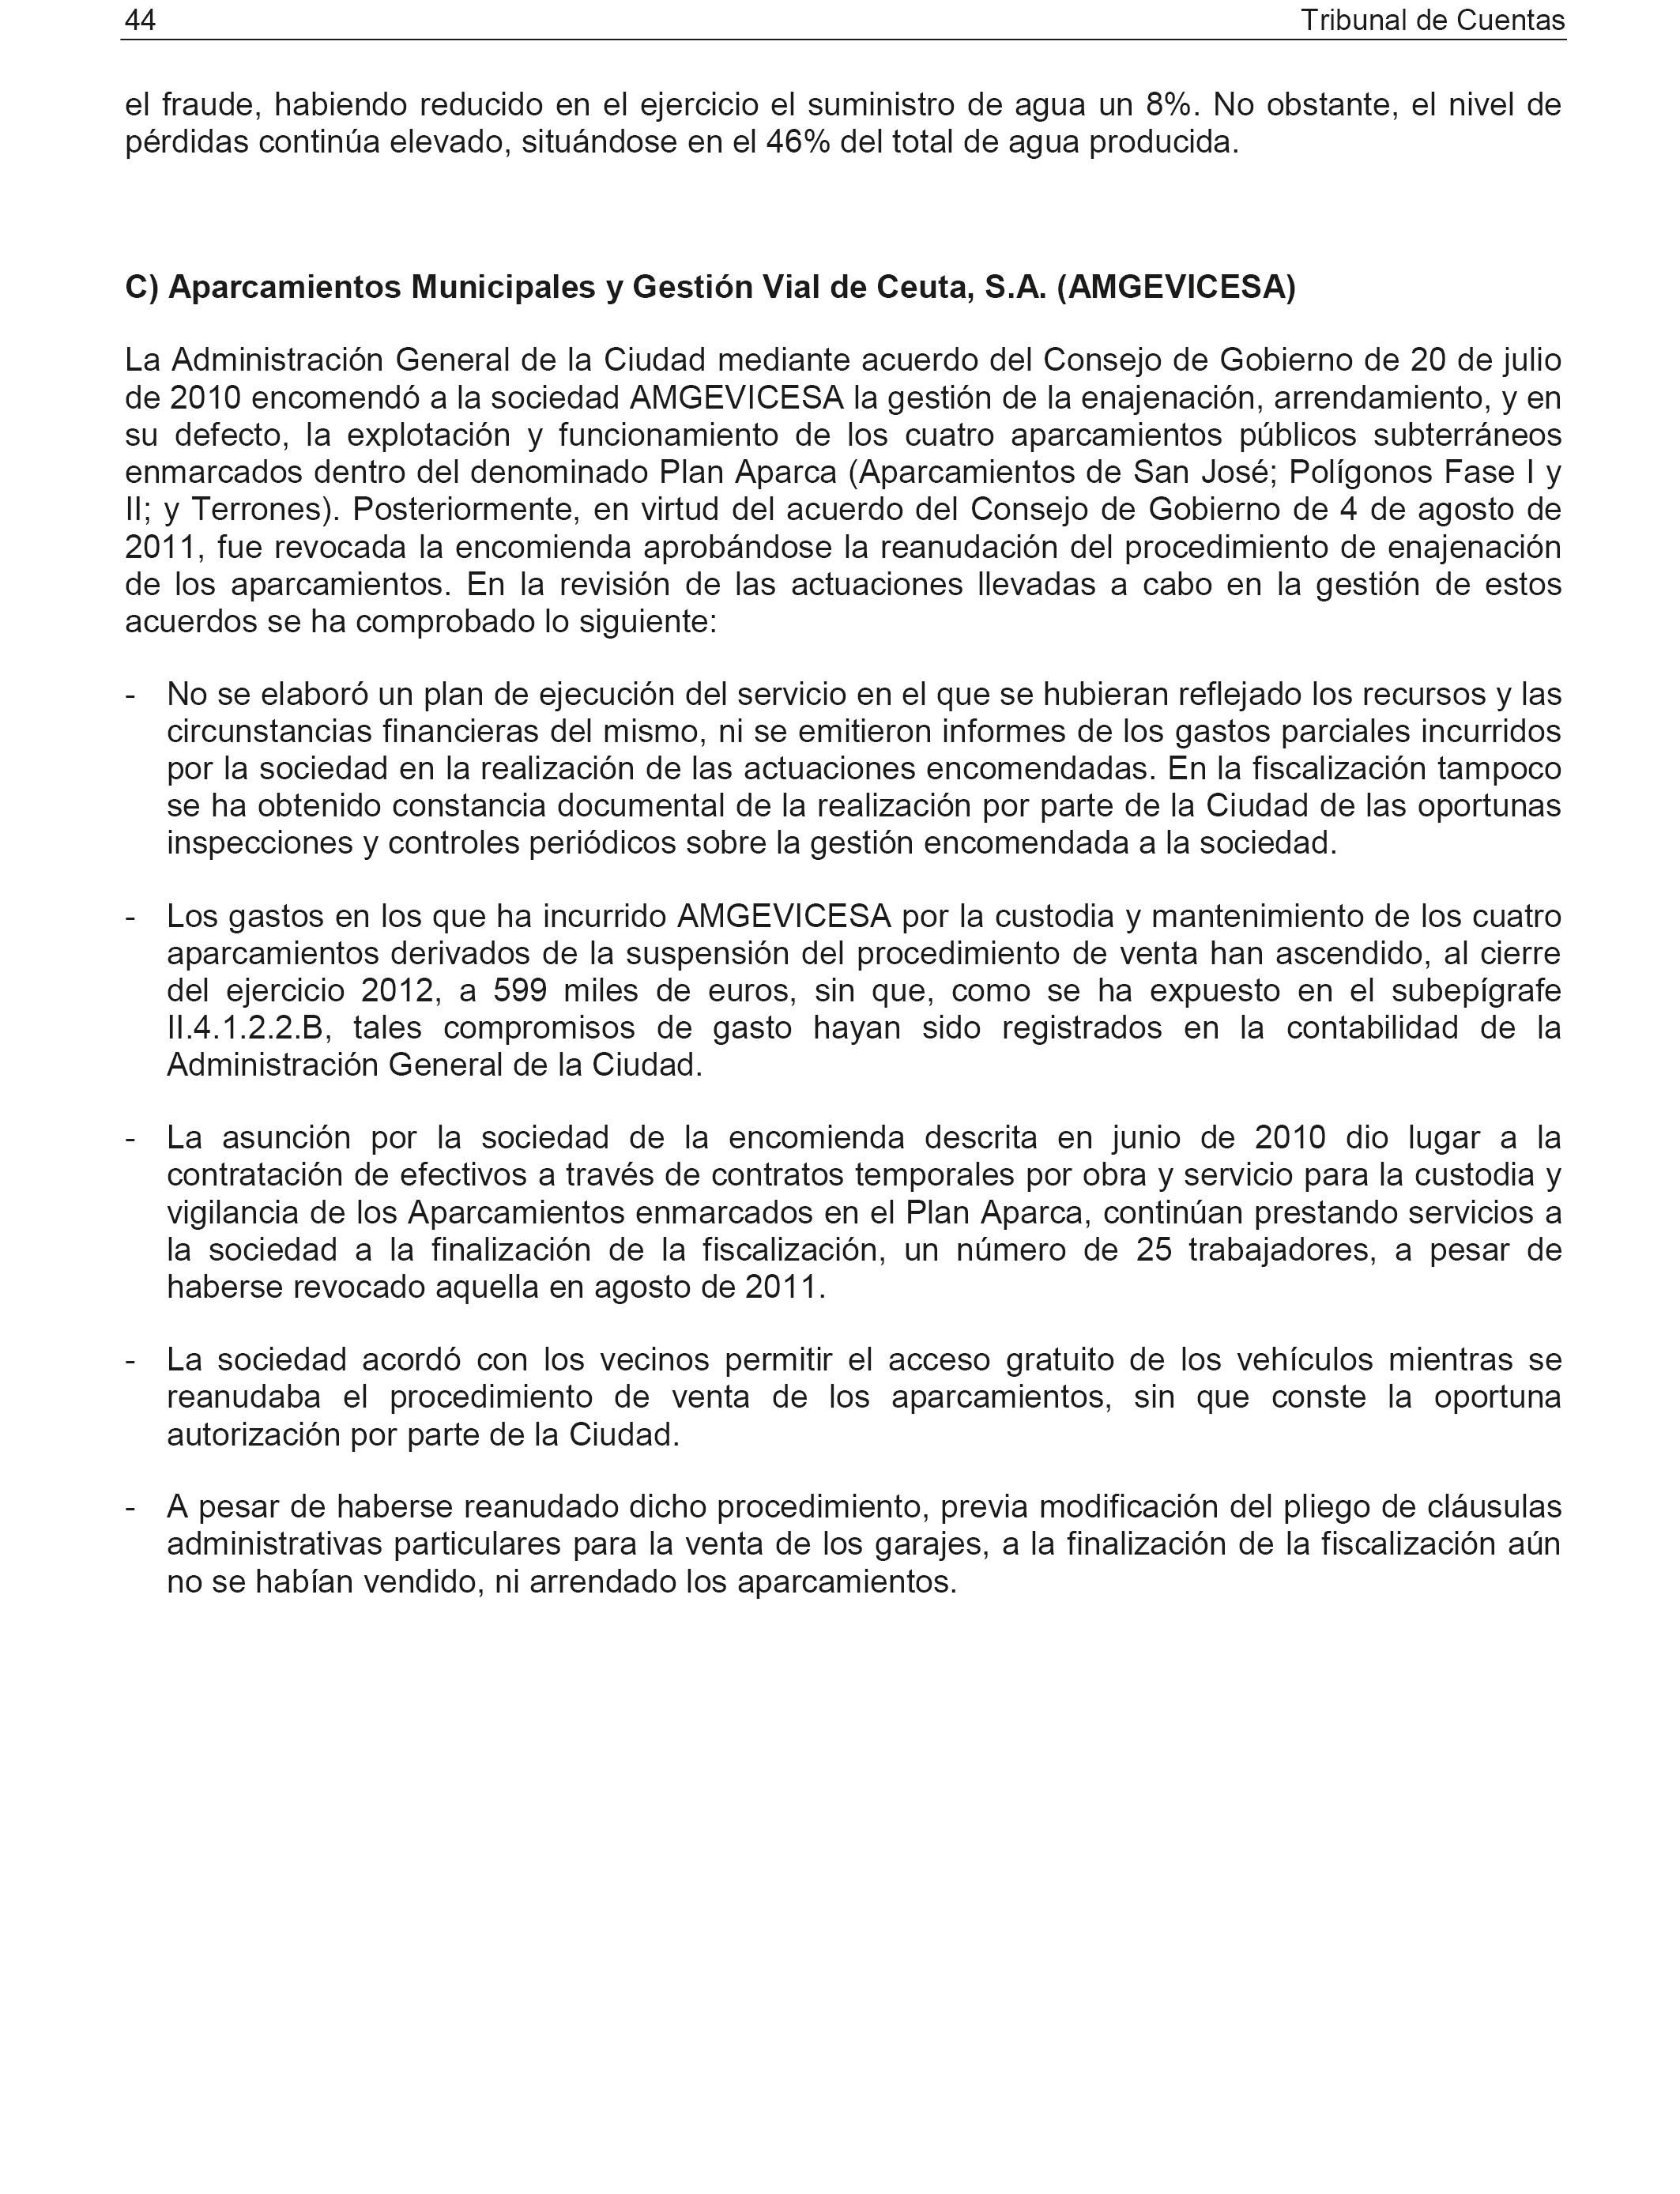 Dorable Reanuda Trabajo De Custodia De Muestras Componente ...